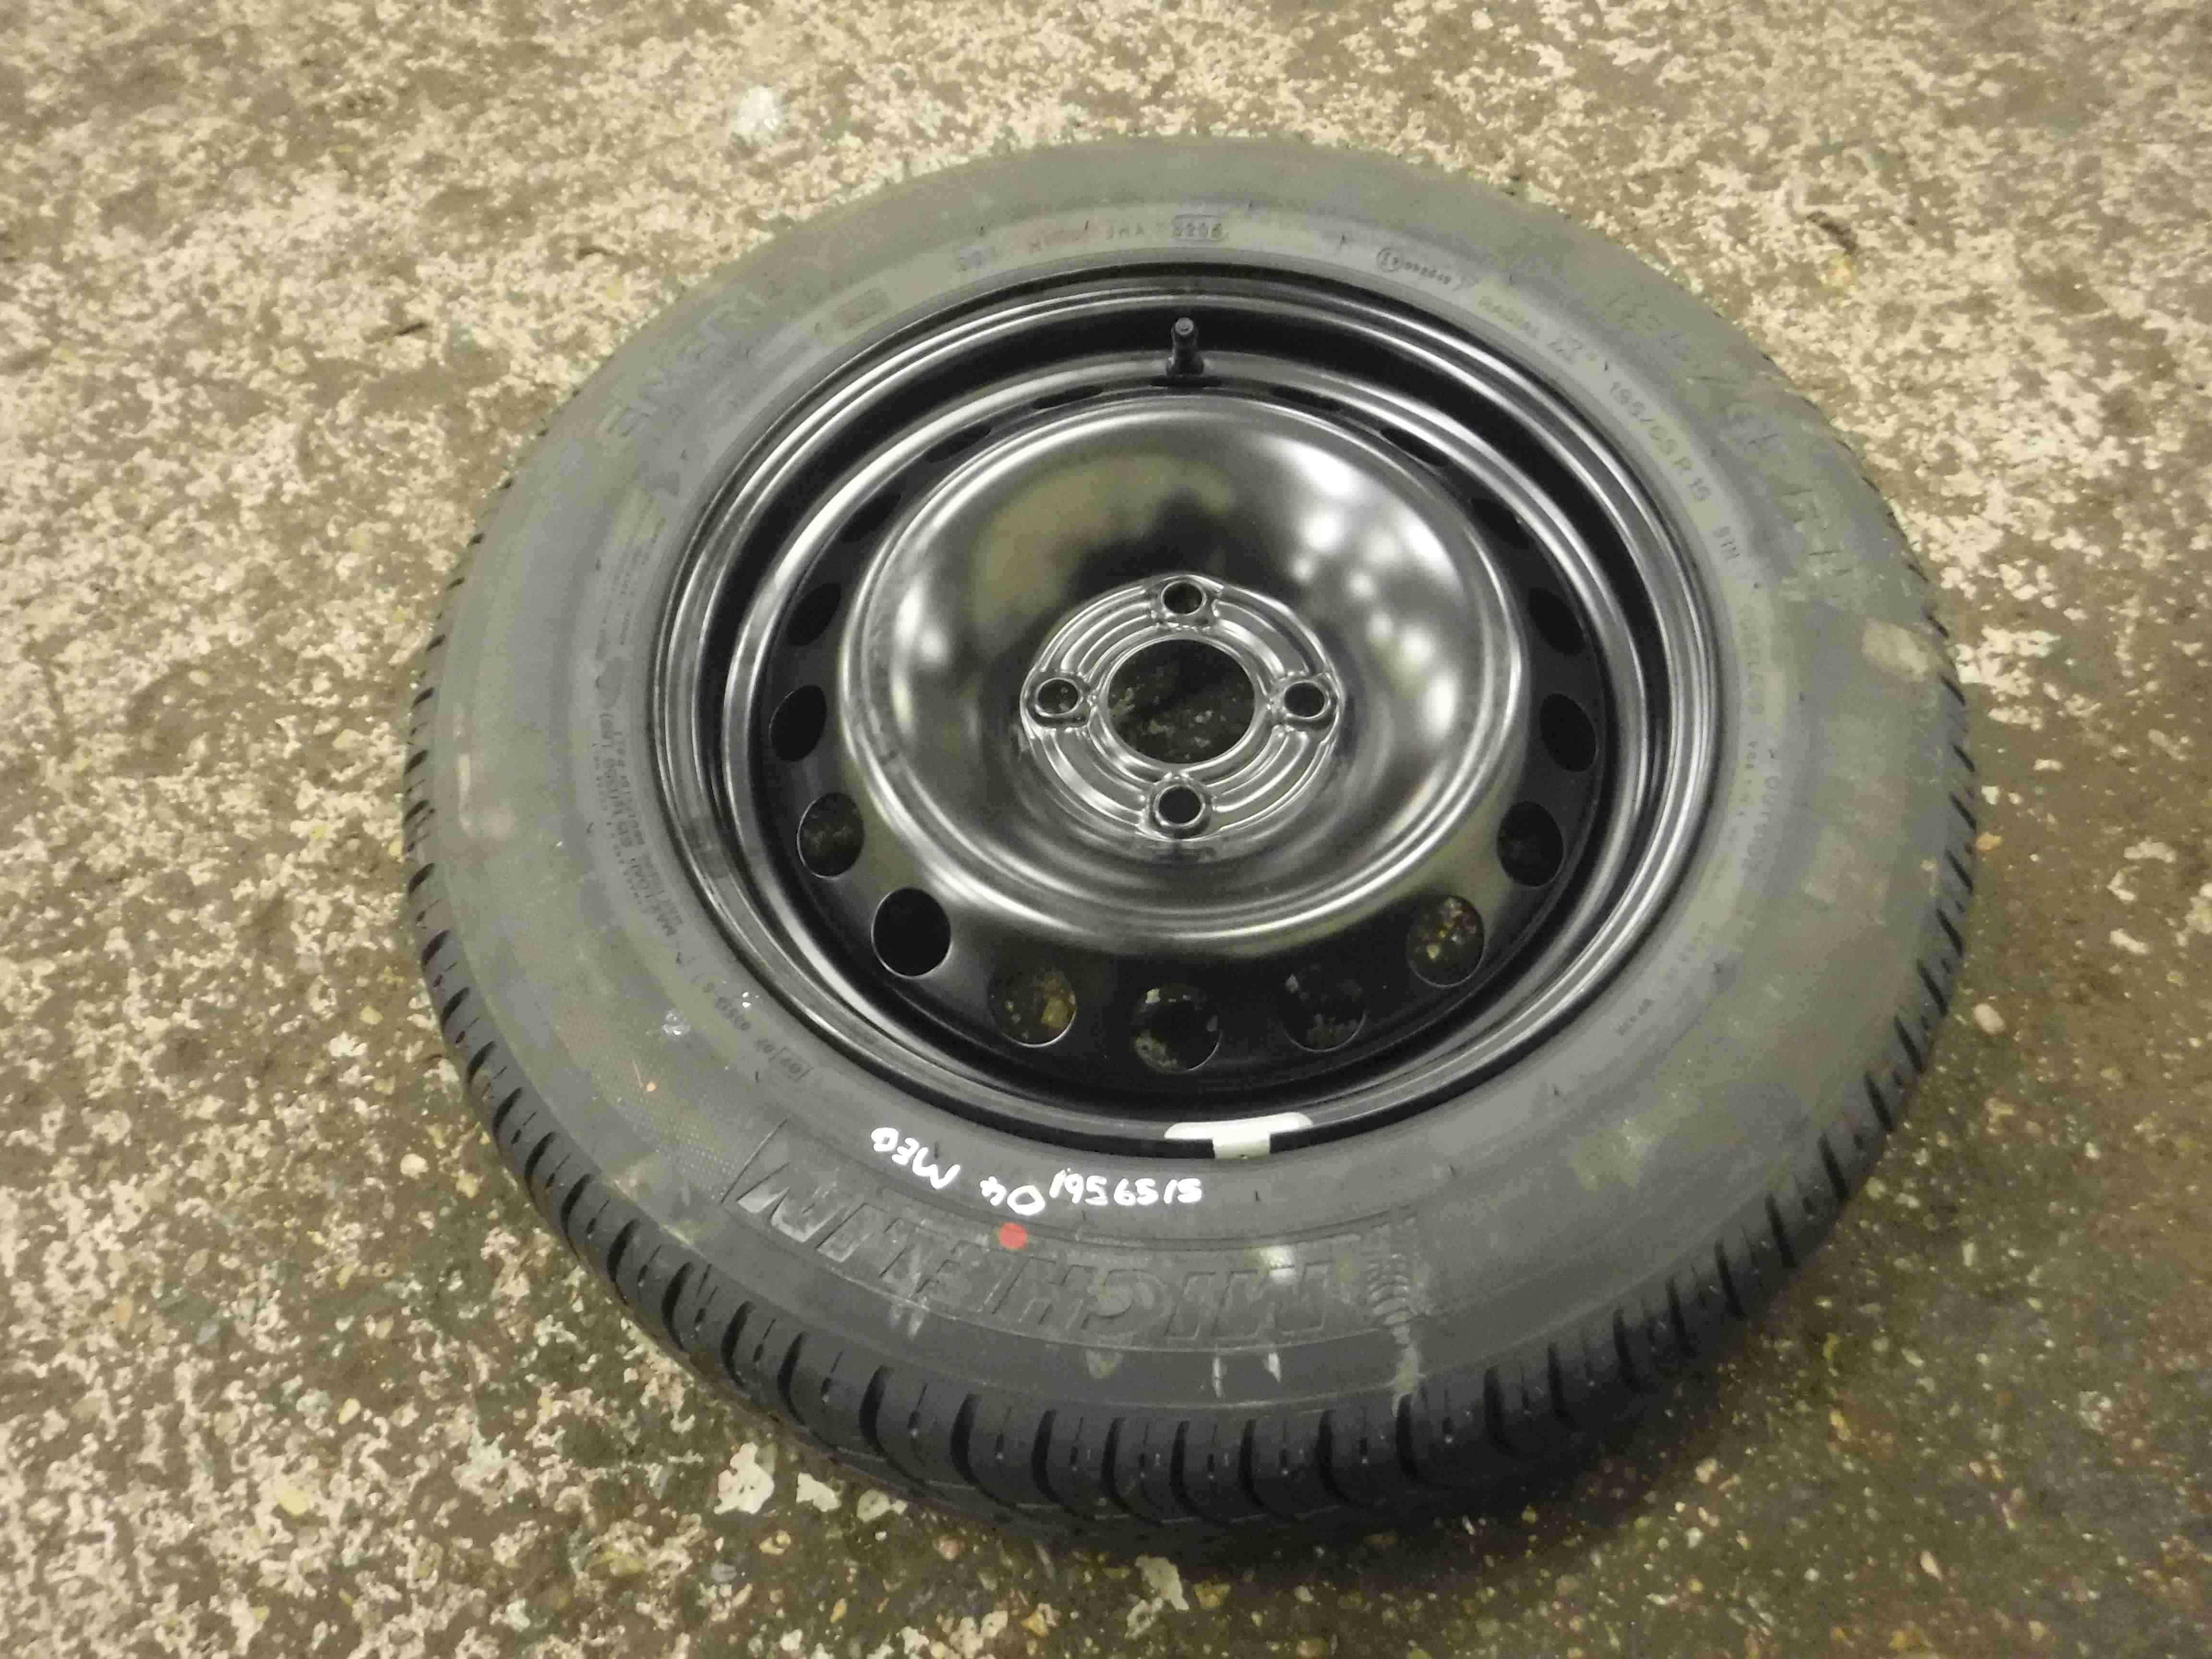 Renault Megane 2002-2008 Steel Wheel Rim + Tyre 195 65 15 8mm Tread